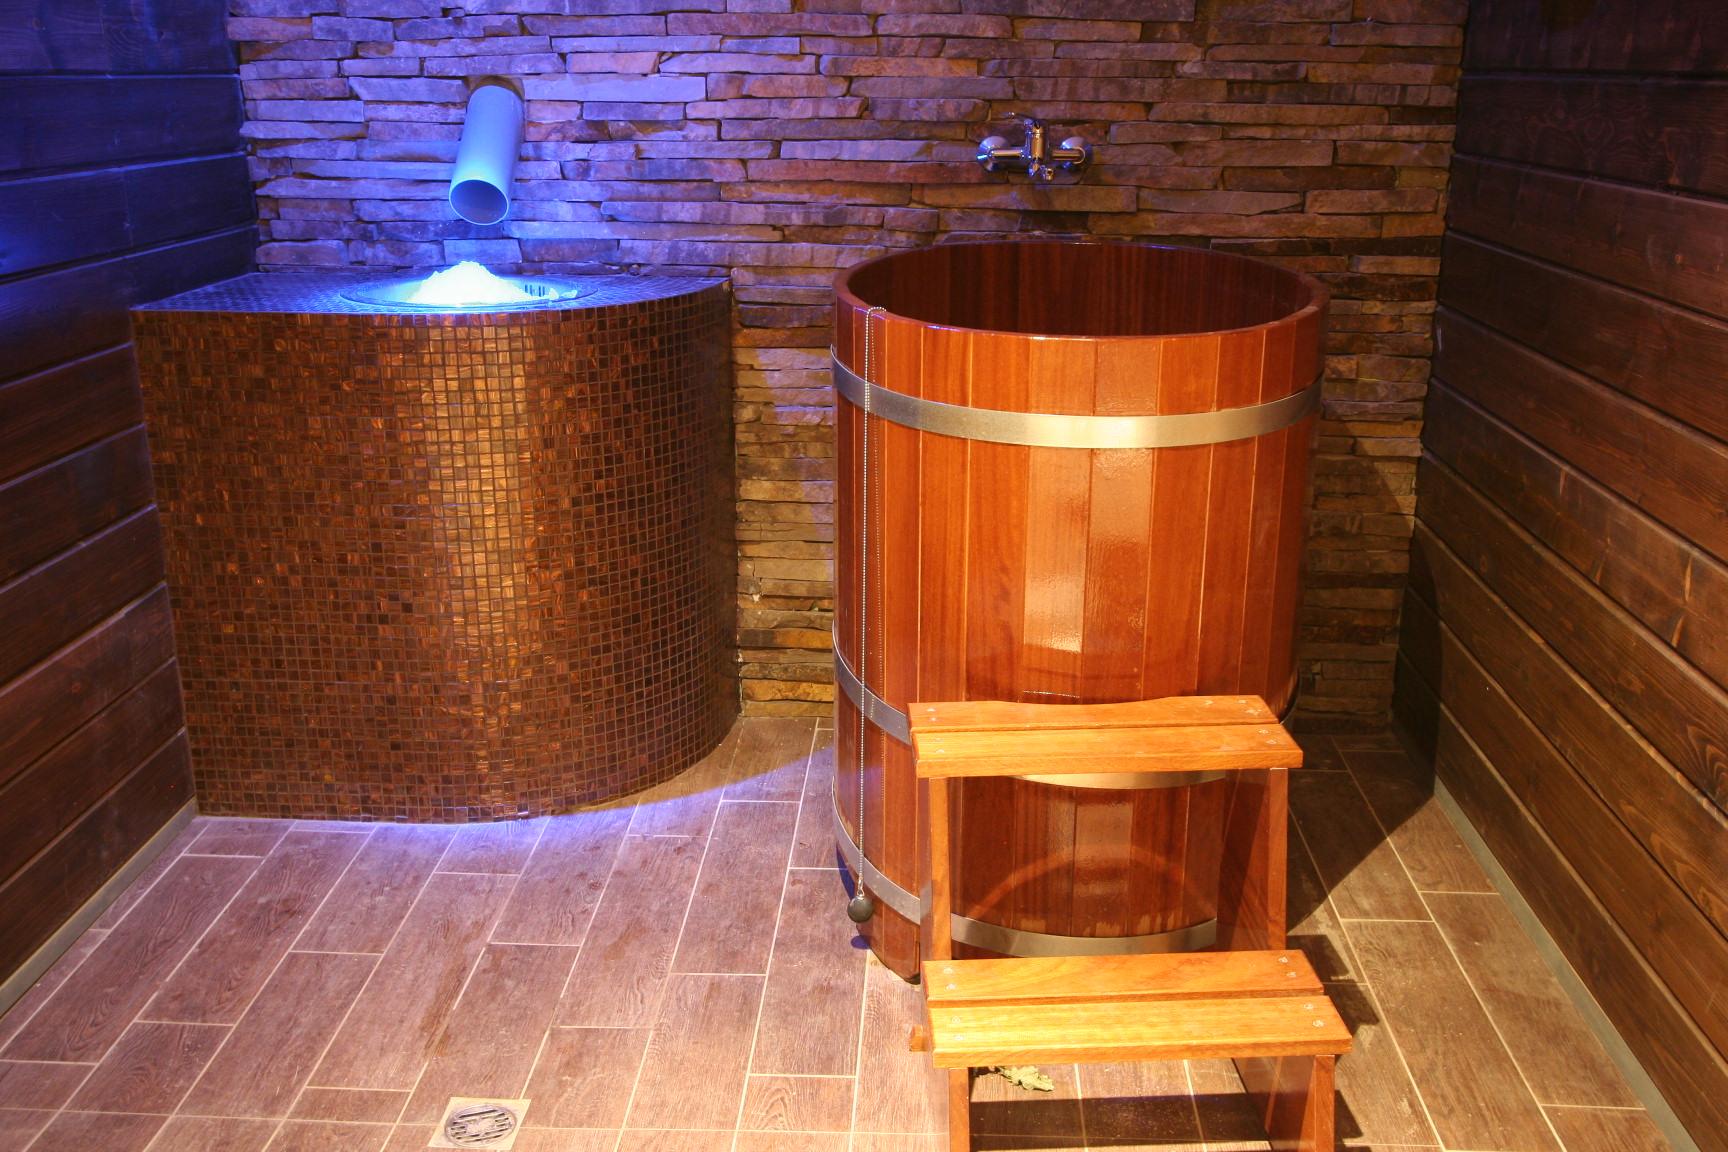 Čeber za hlajenje po uporabi savne - stoječ